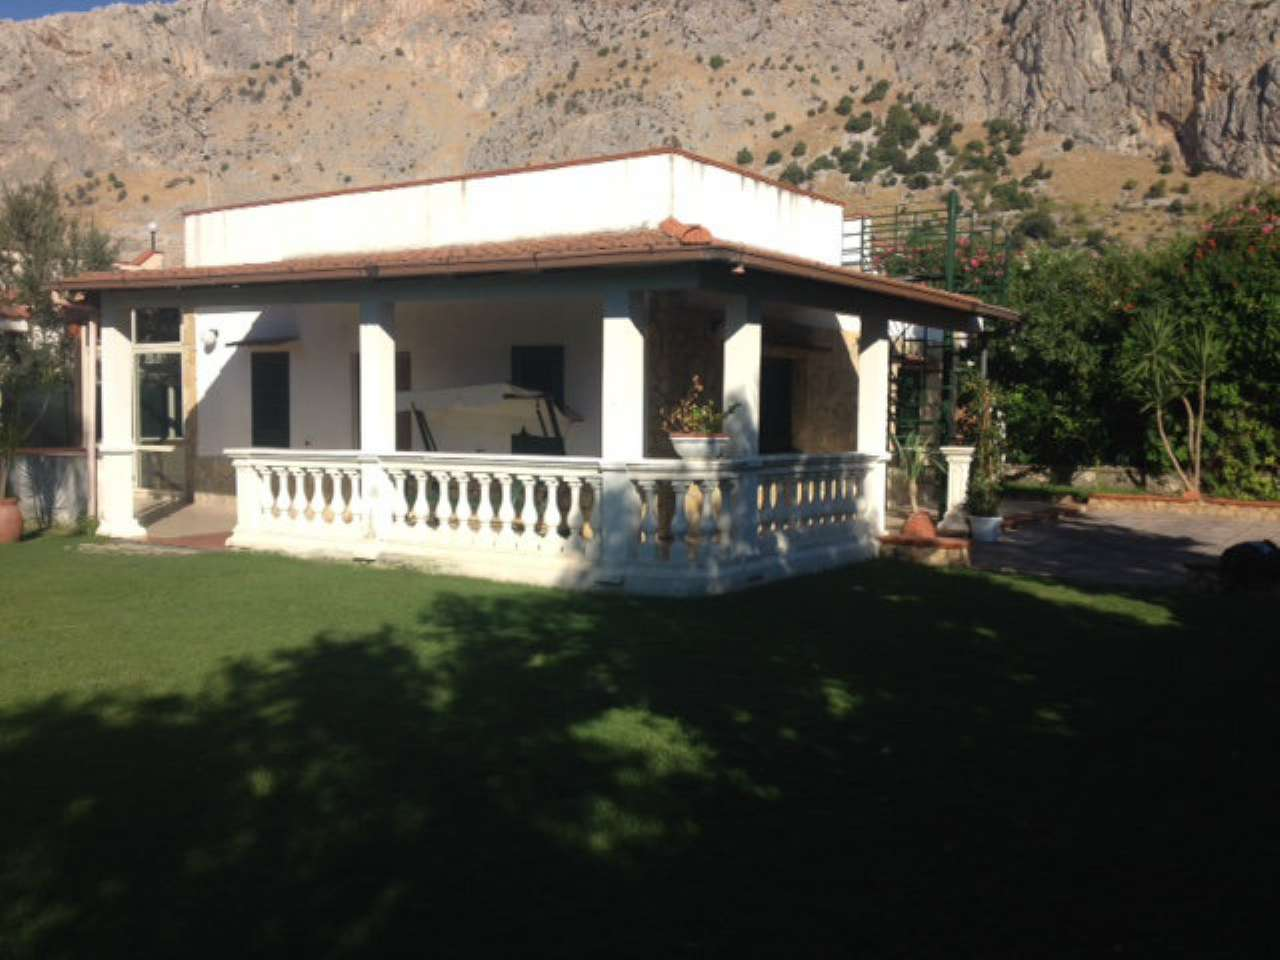 Villa in vendita a Isola delle Femmine, 4 locali, prezzo € 260.000 | CambioCasa.it